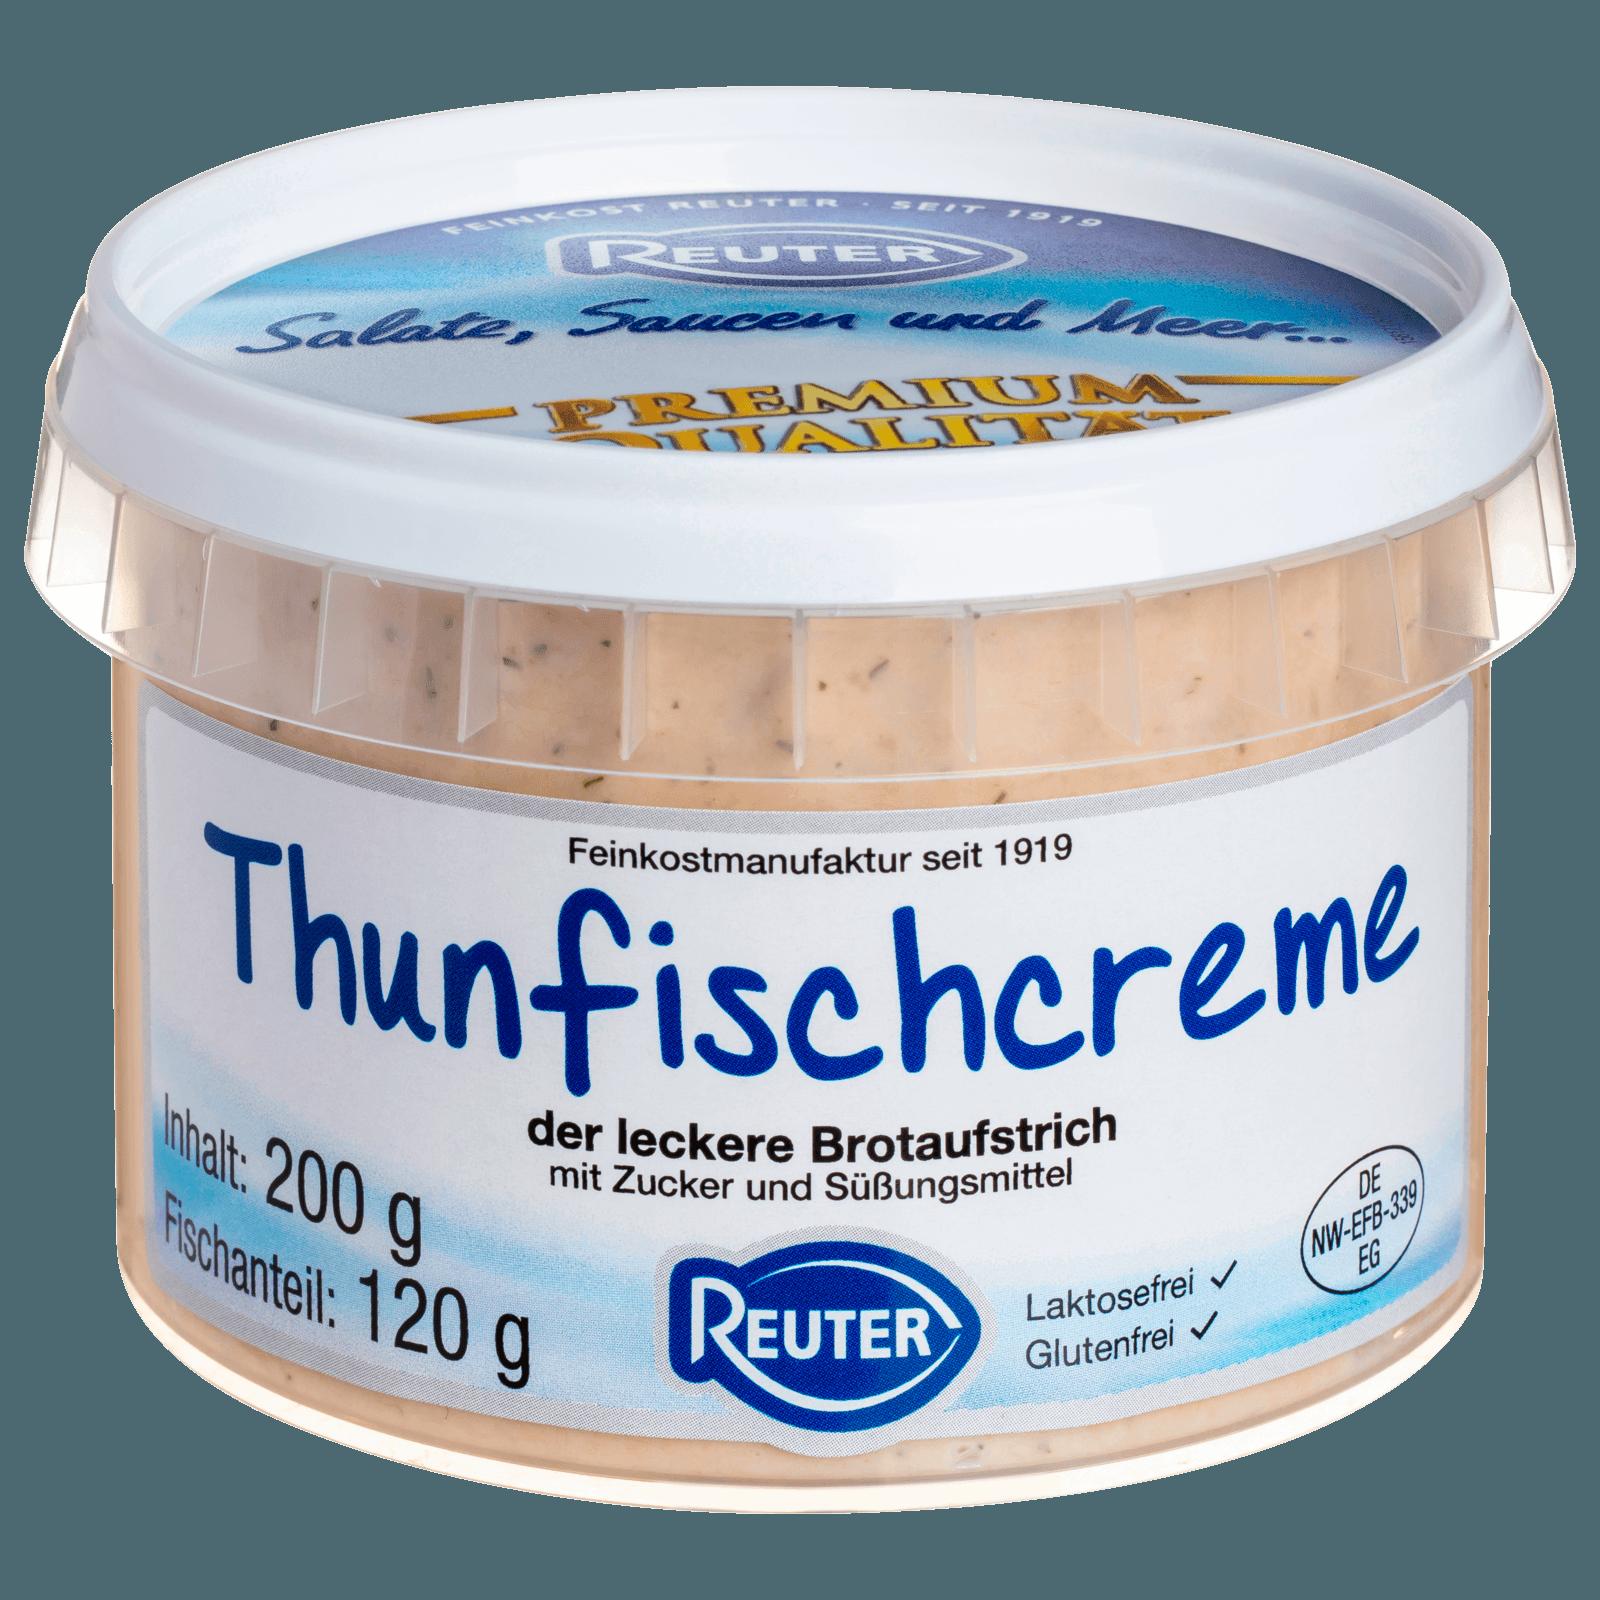 Reuter Thunfischcreme 200g